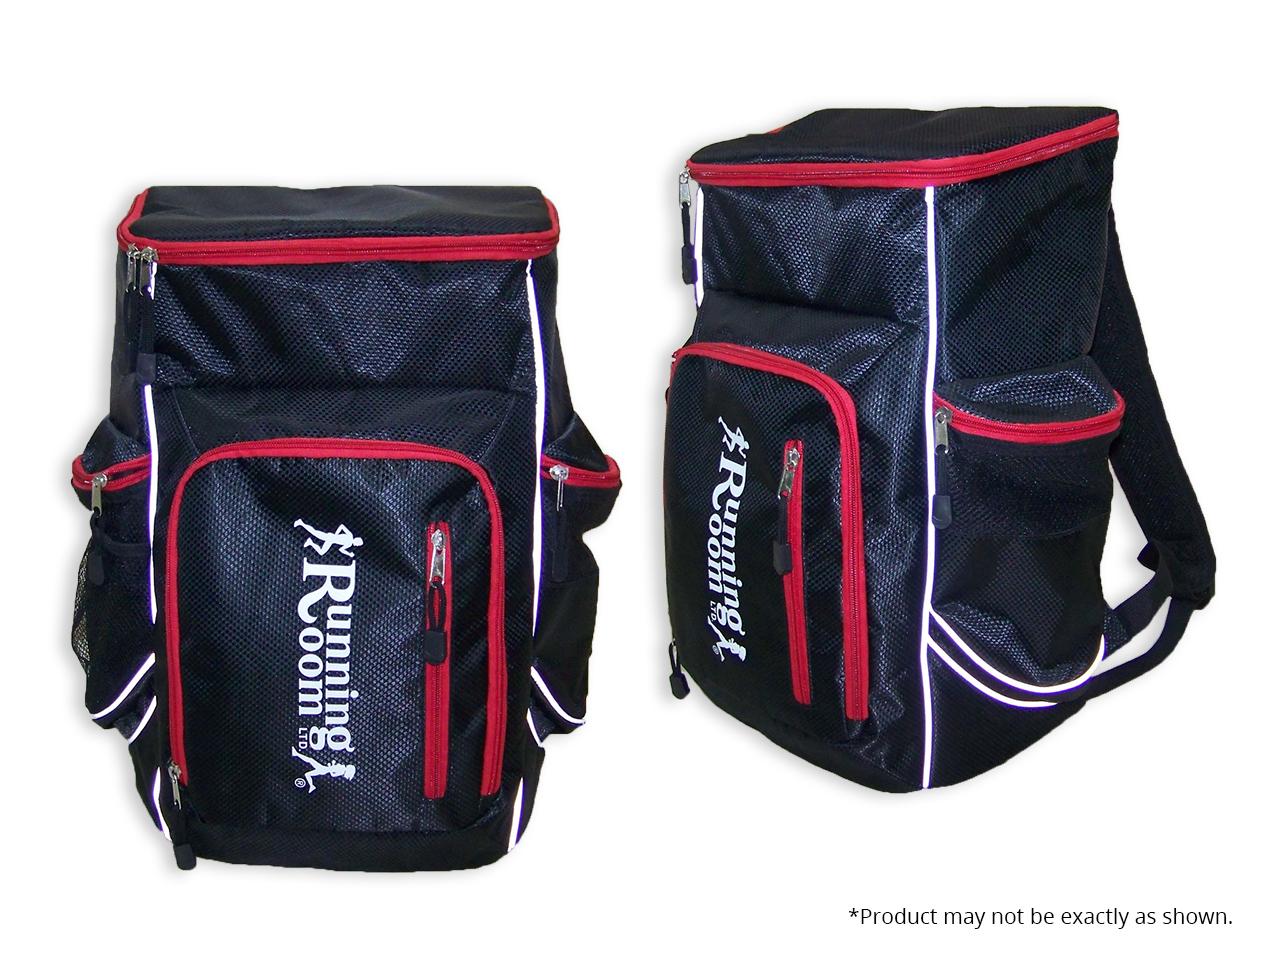 Res Run2022 bag